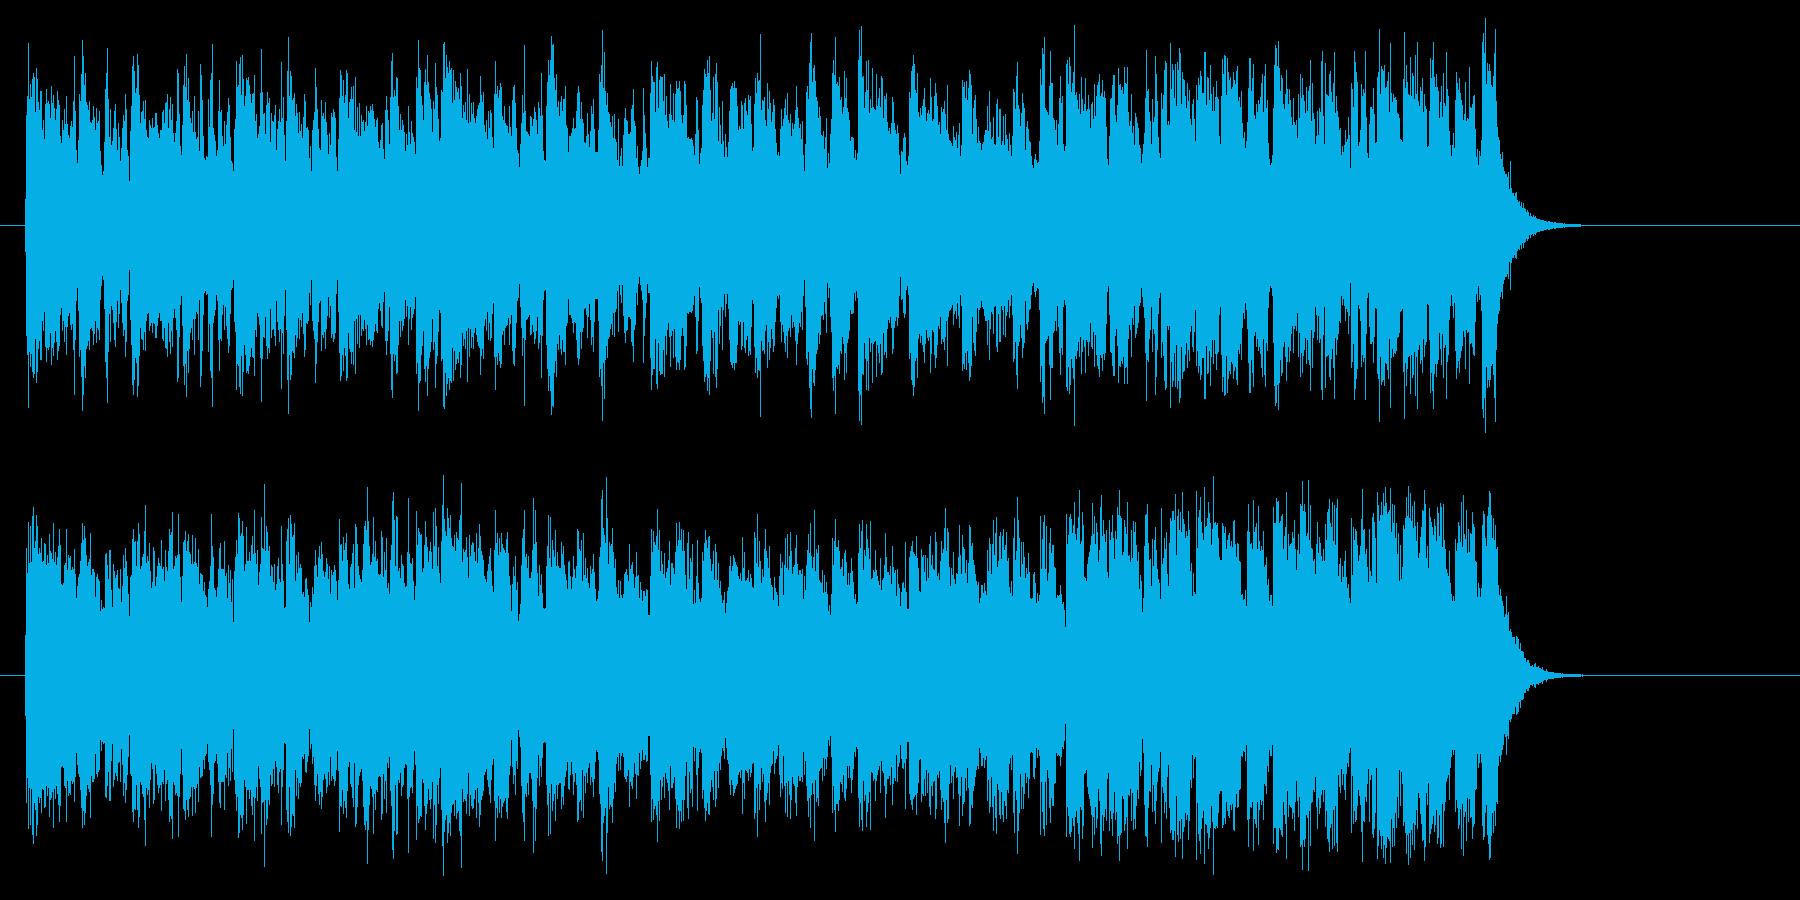 勇者のオーケストラ風音楽(サビ~エンド)の再生済みの波形